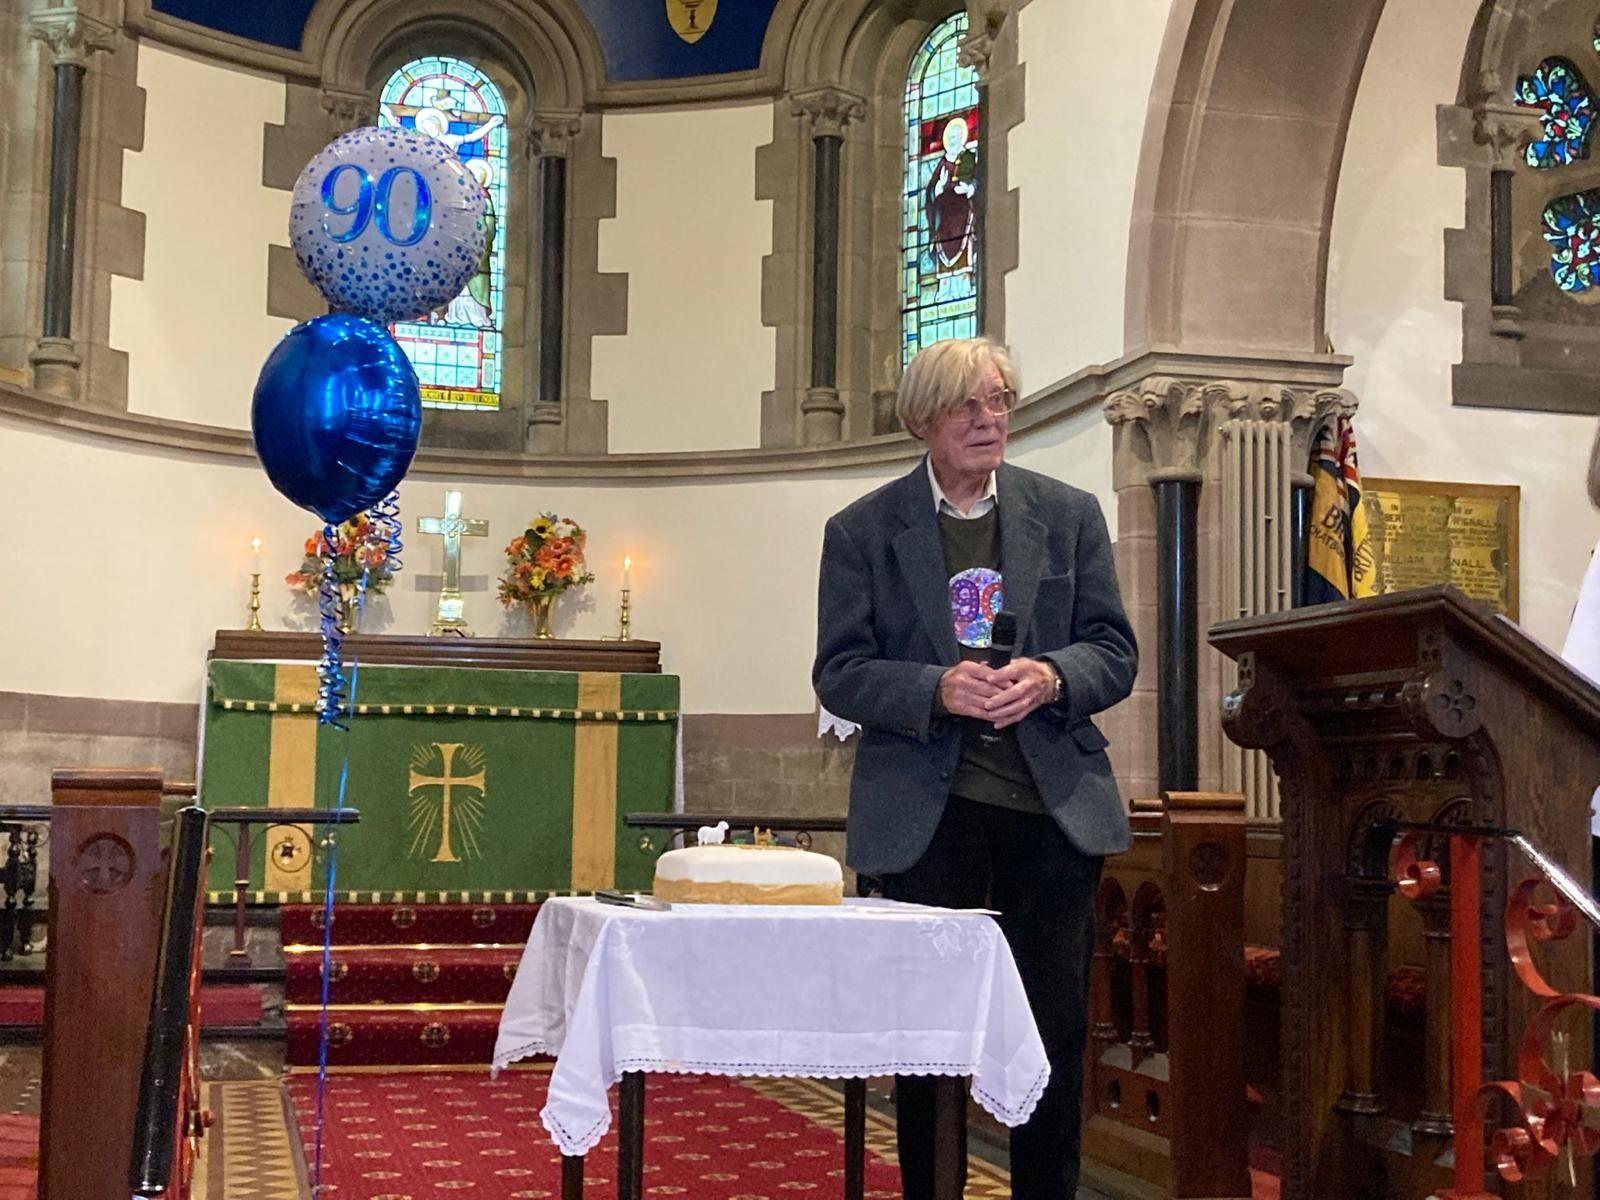 Derek with birthday cake